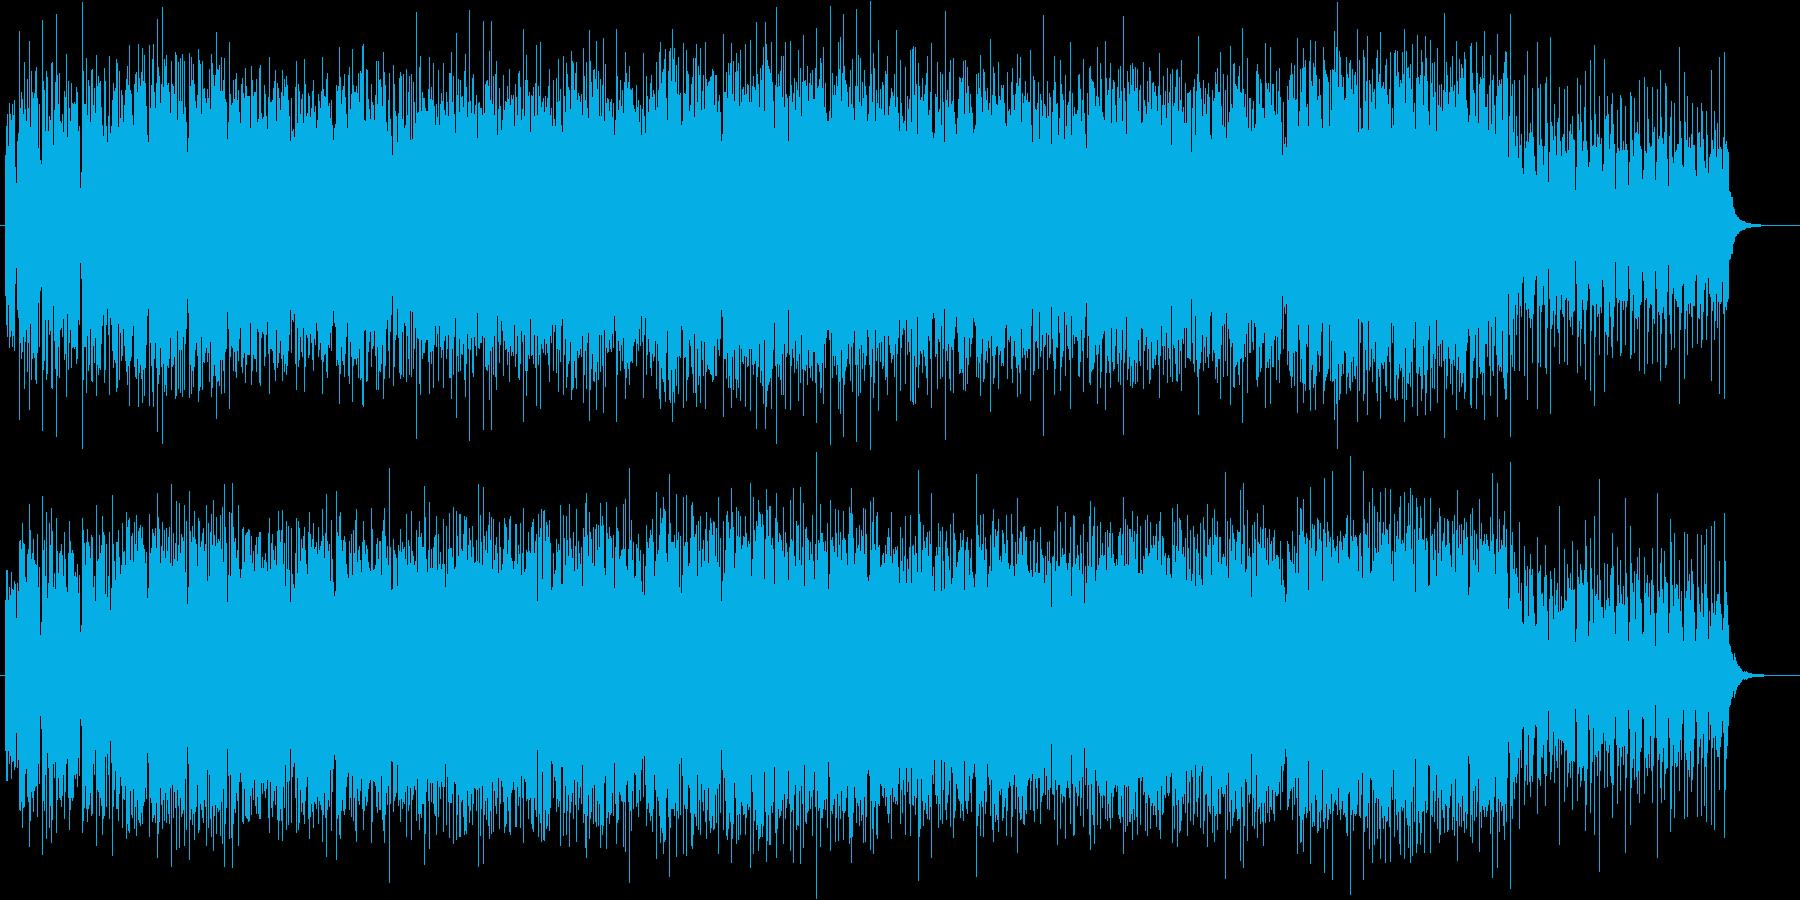 生フルート!美メロ爽やかトロピカルハウスの再生済みの波形